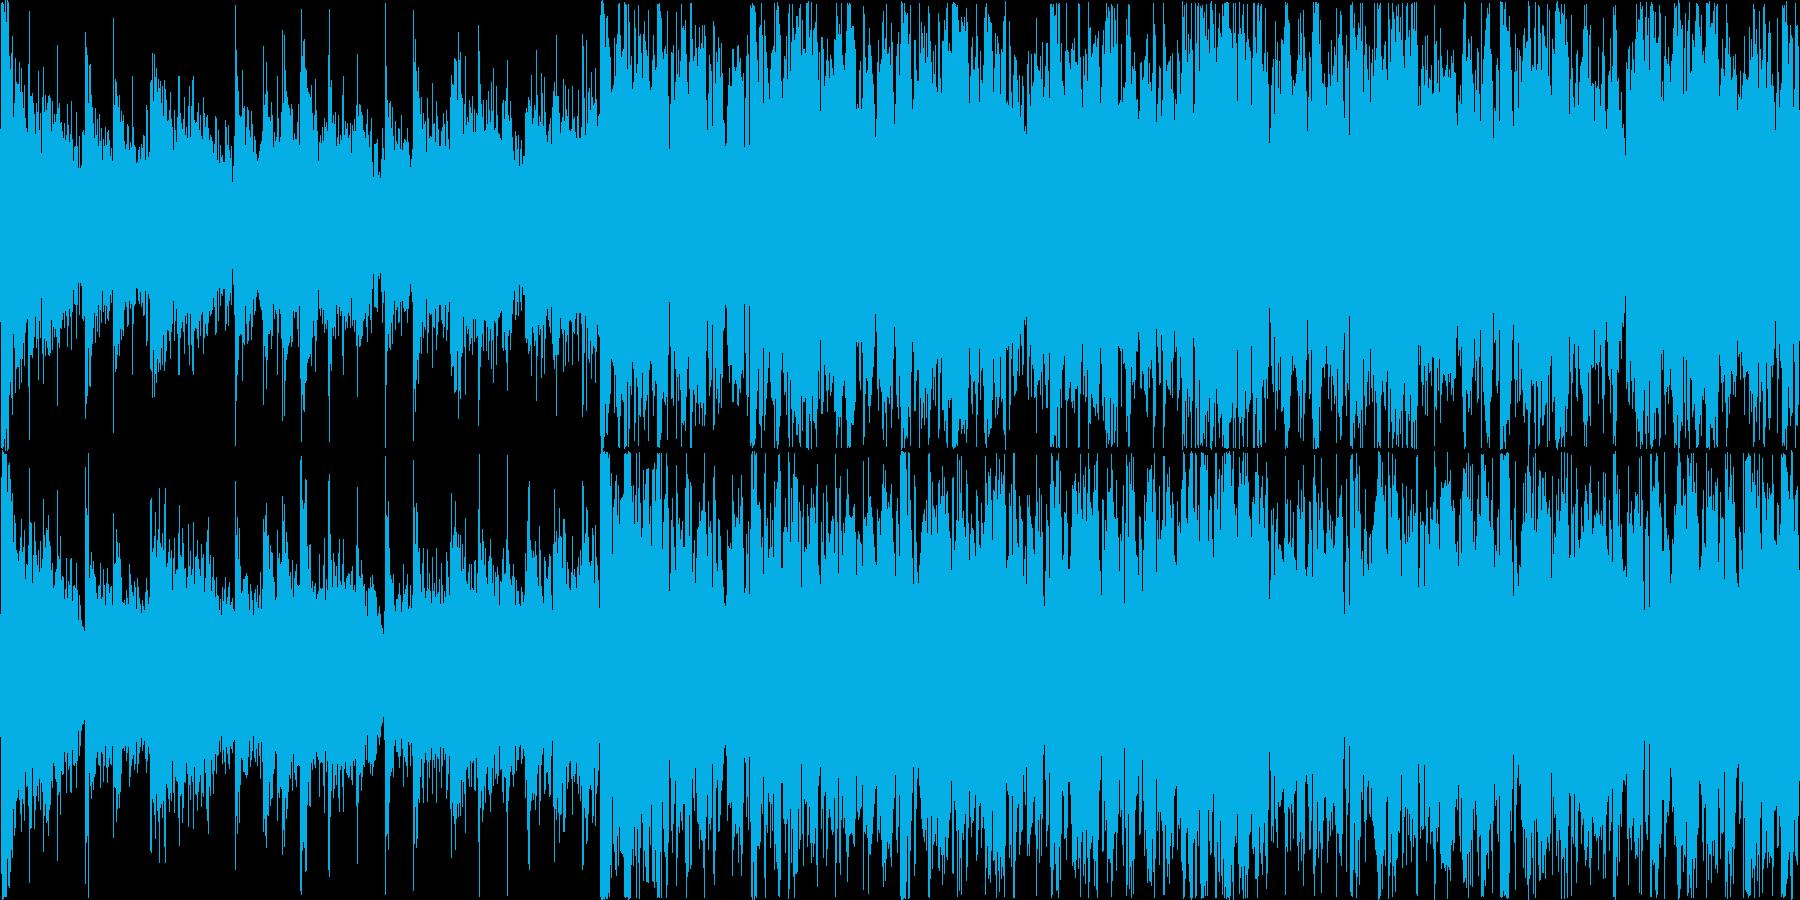 危機感を煽る荘厳なイメージの楽曲ですの再生済みの波形